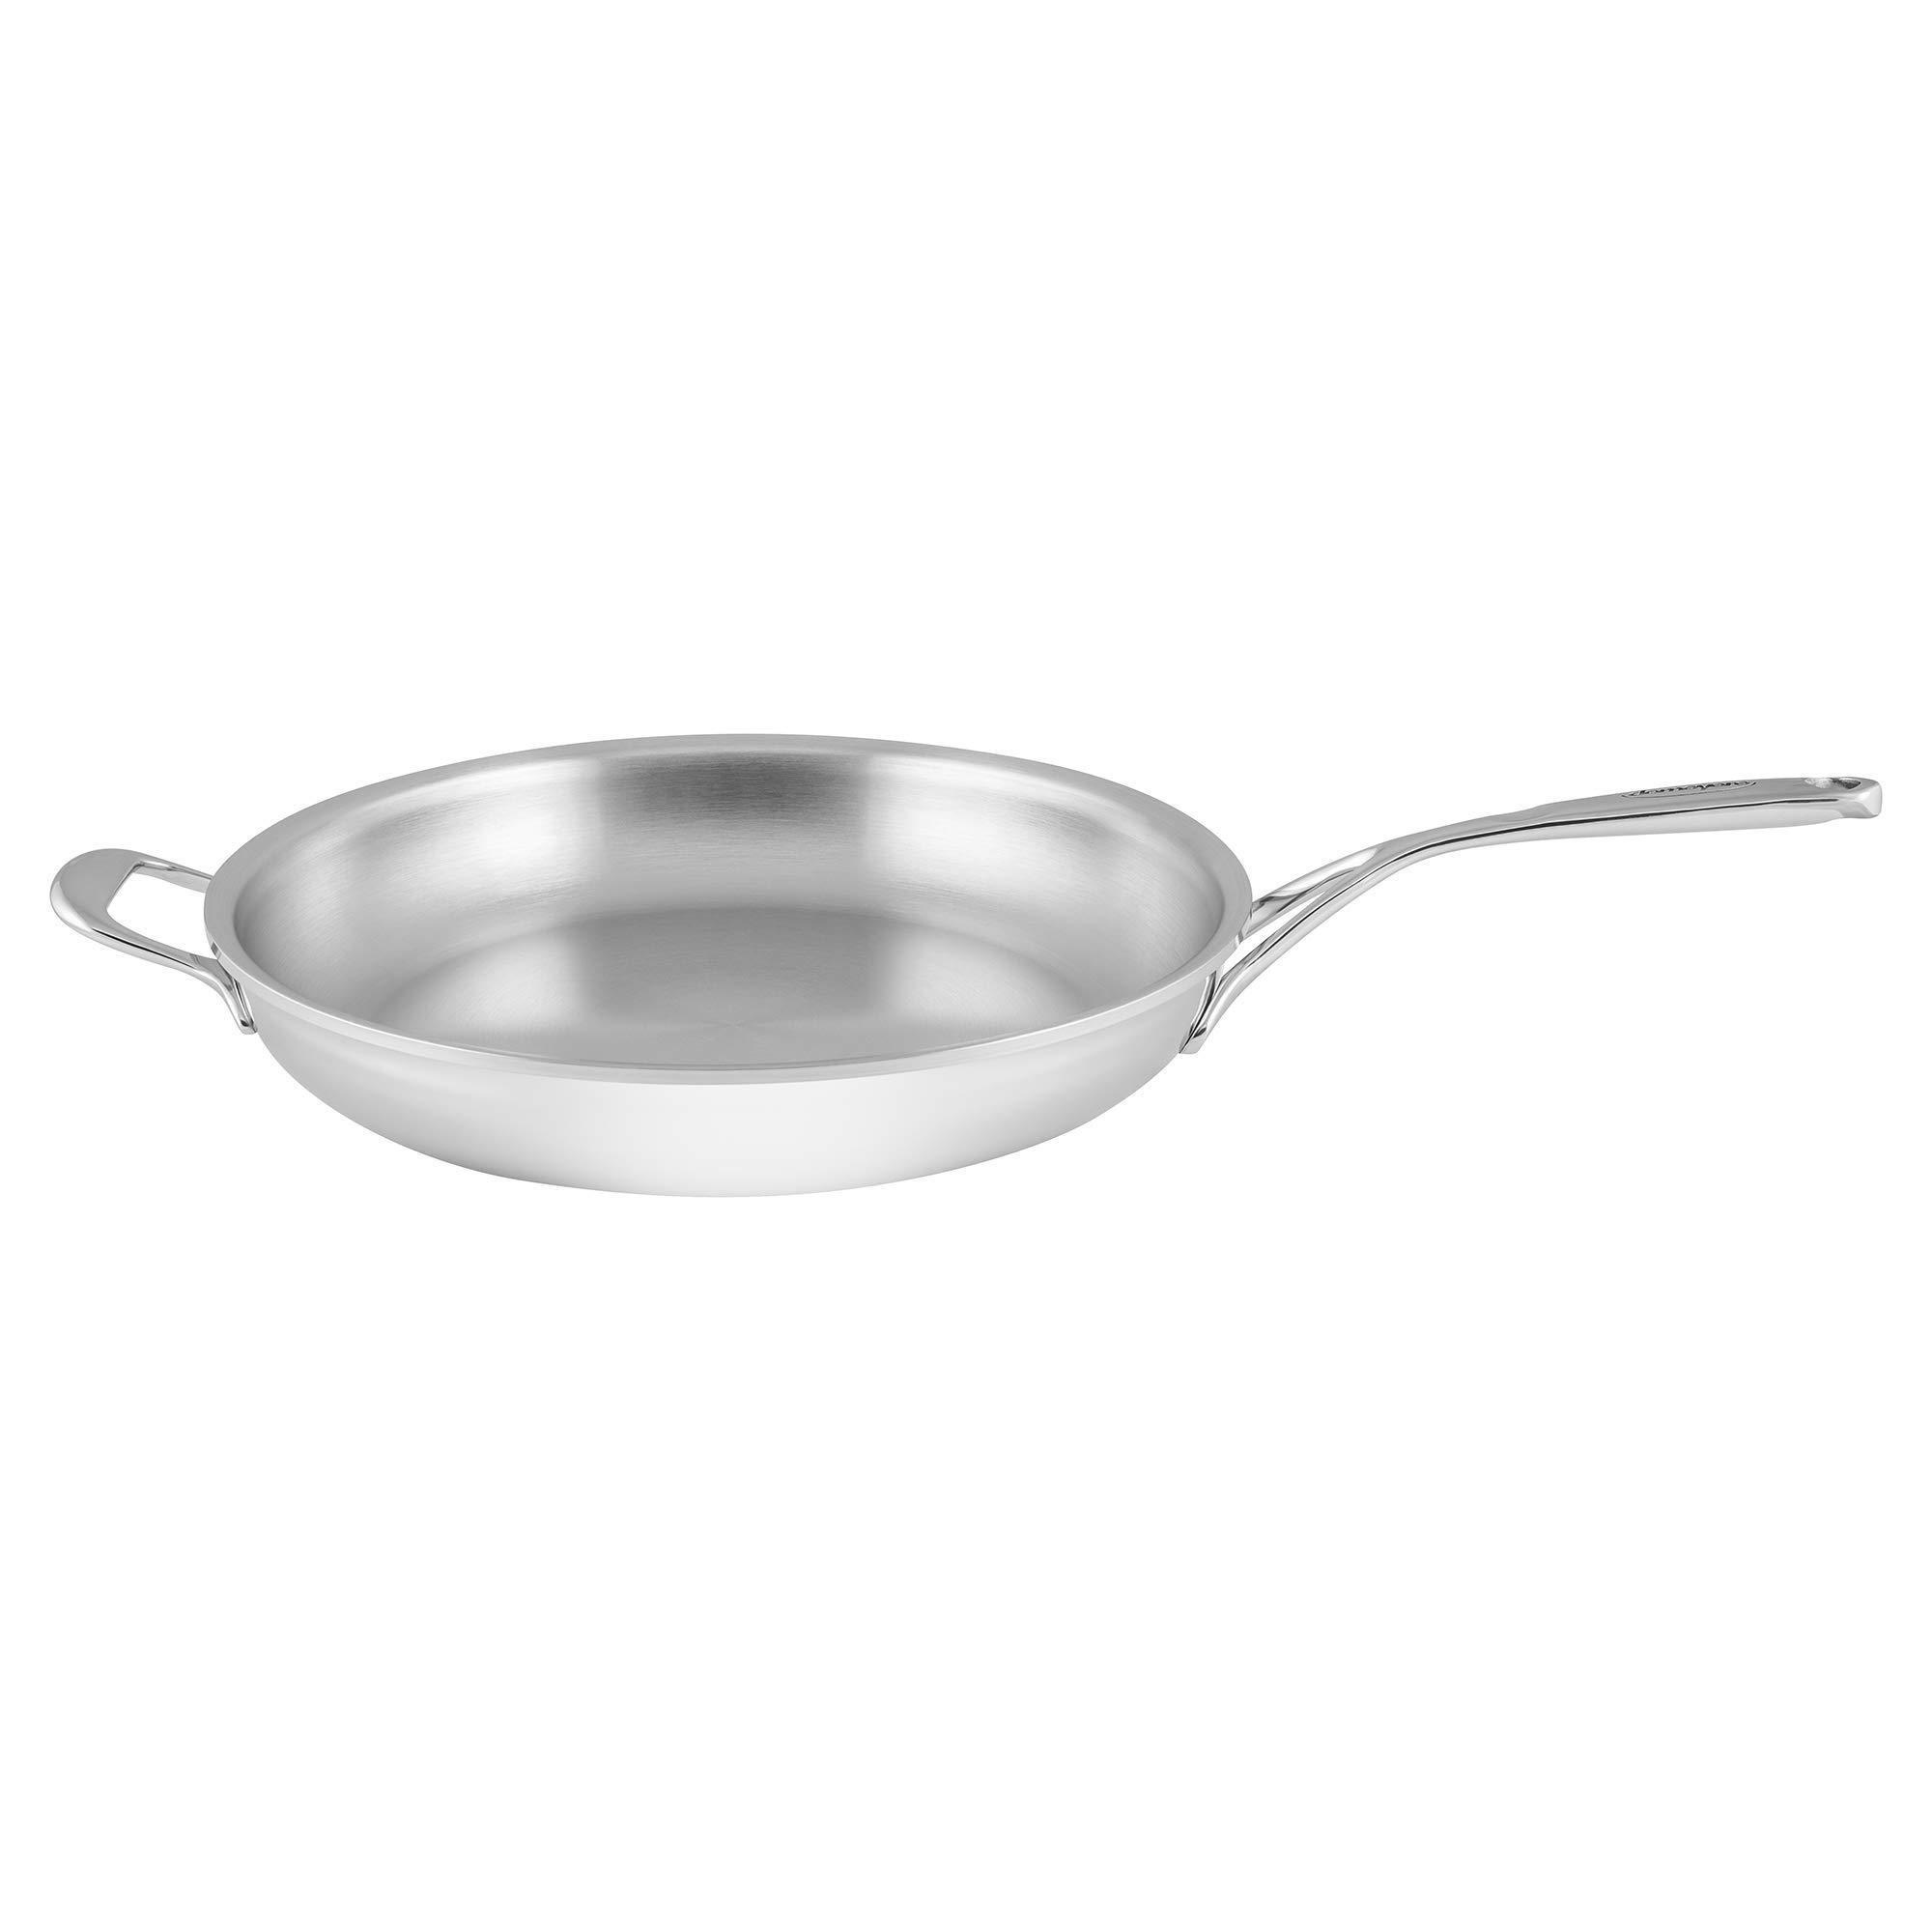 Demeyere Atlantis Proline 12.6'' Stainless Steel Fry Pan with Helper Handle